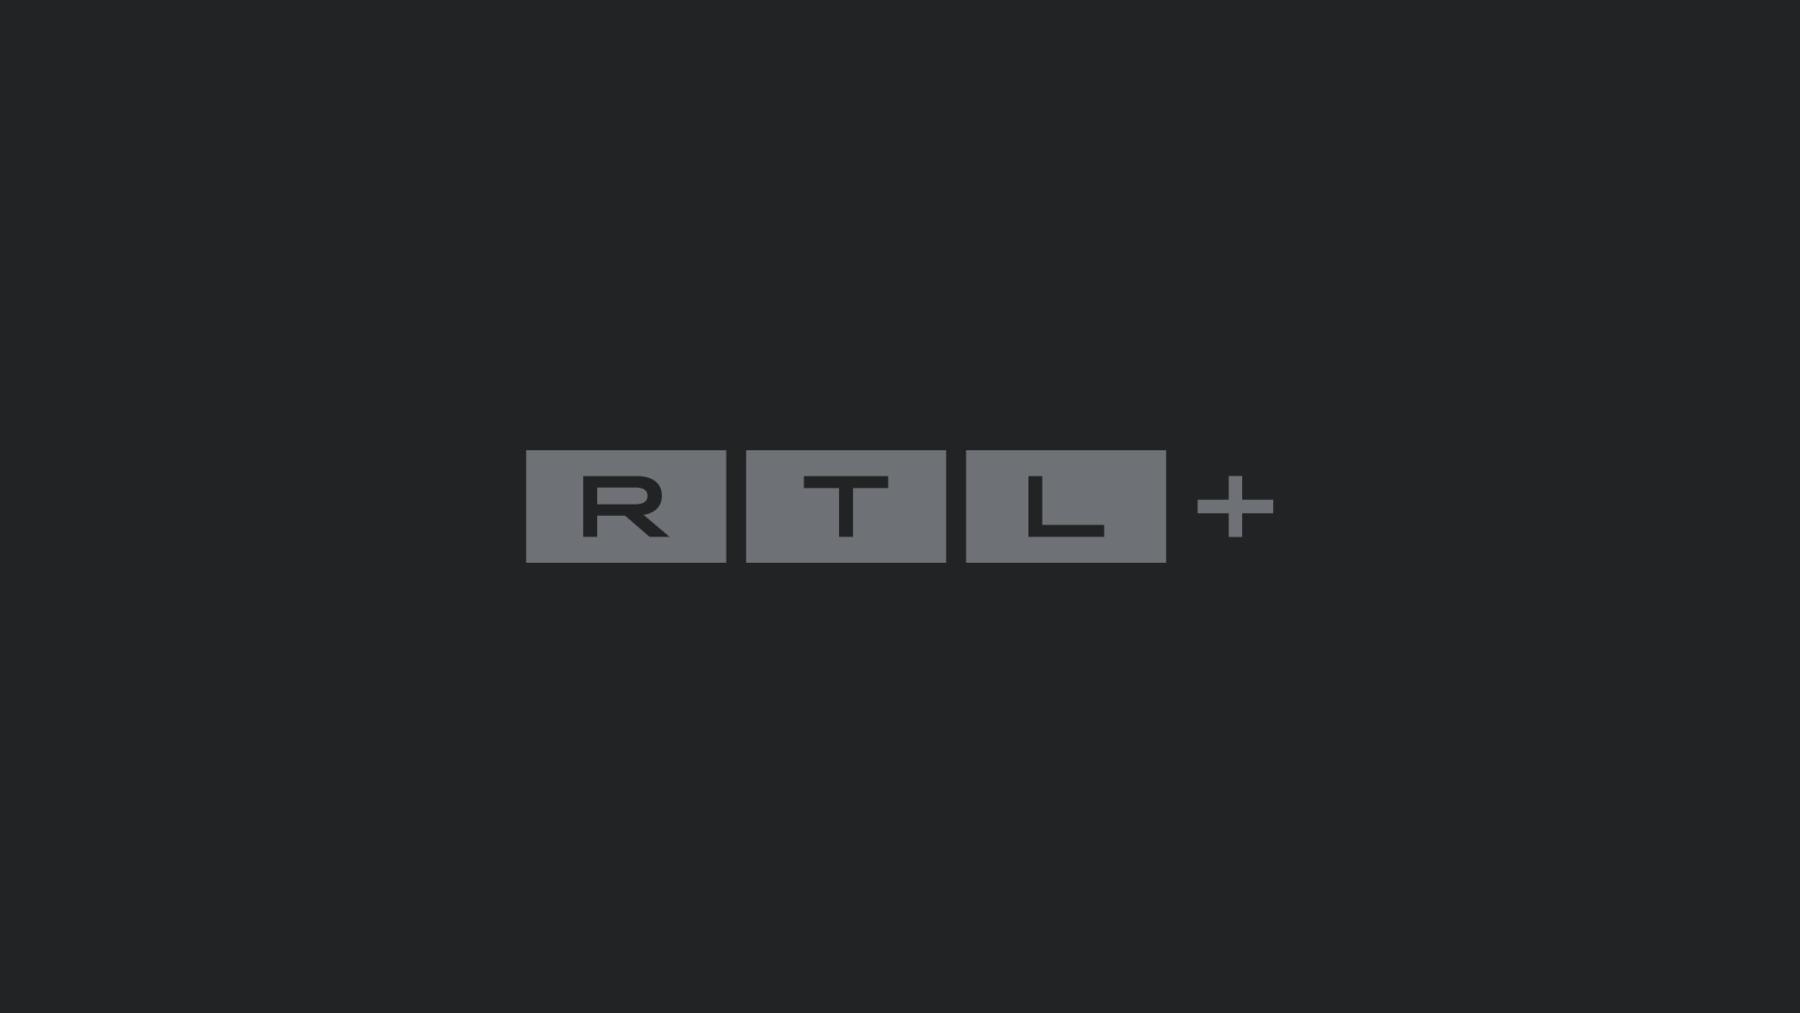 Voller Leben - Meine letzte Liste